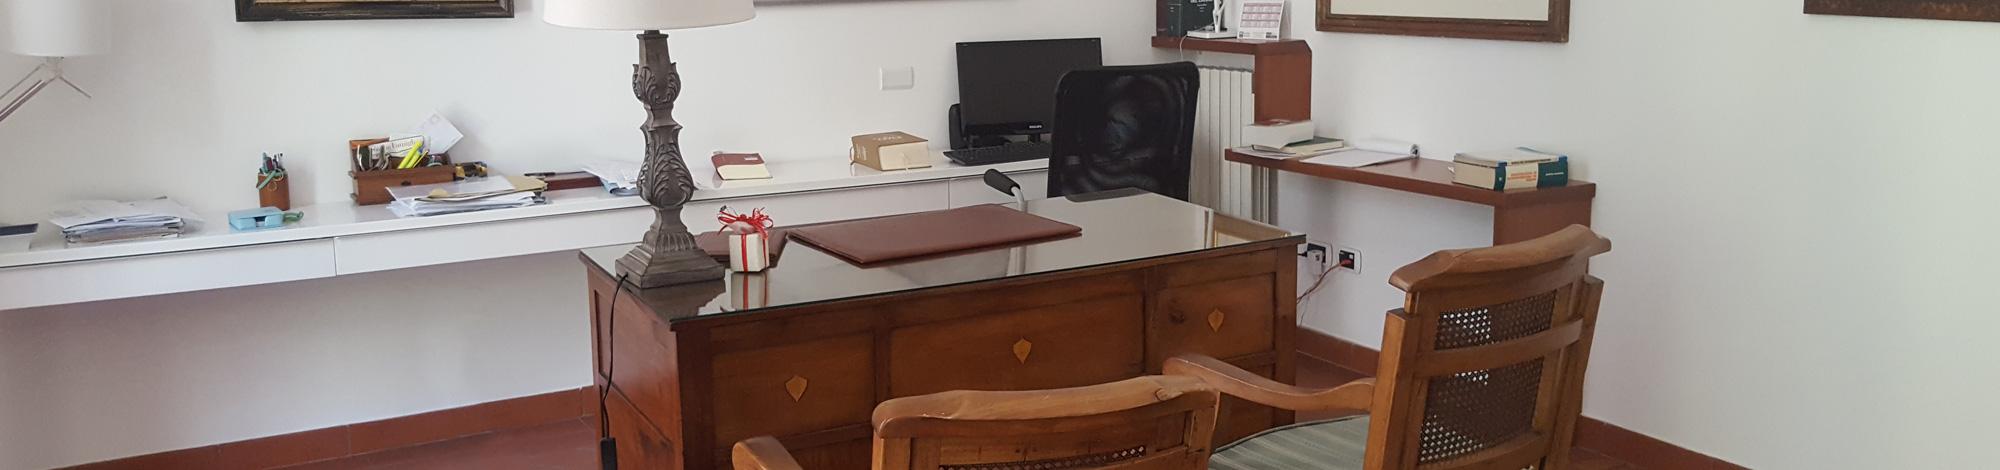 _2-Studio-Legale-Gallo-Salerno-Avvocato-Civile-Penale-Causa-Lavoro-Infortuni-Separazione-Divorzio-